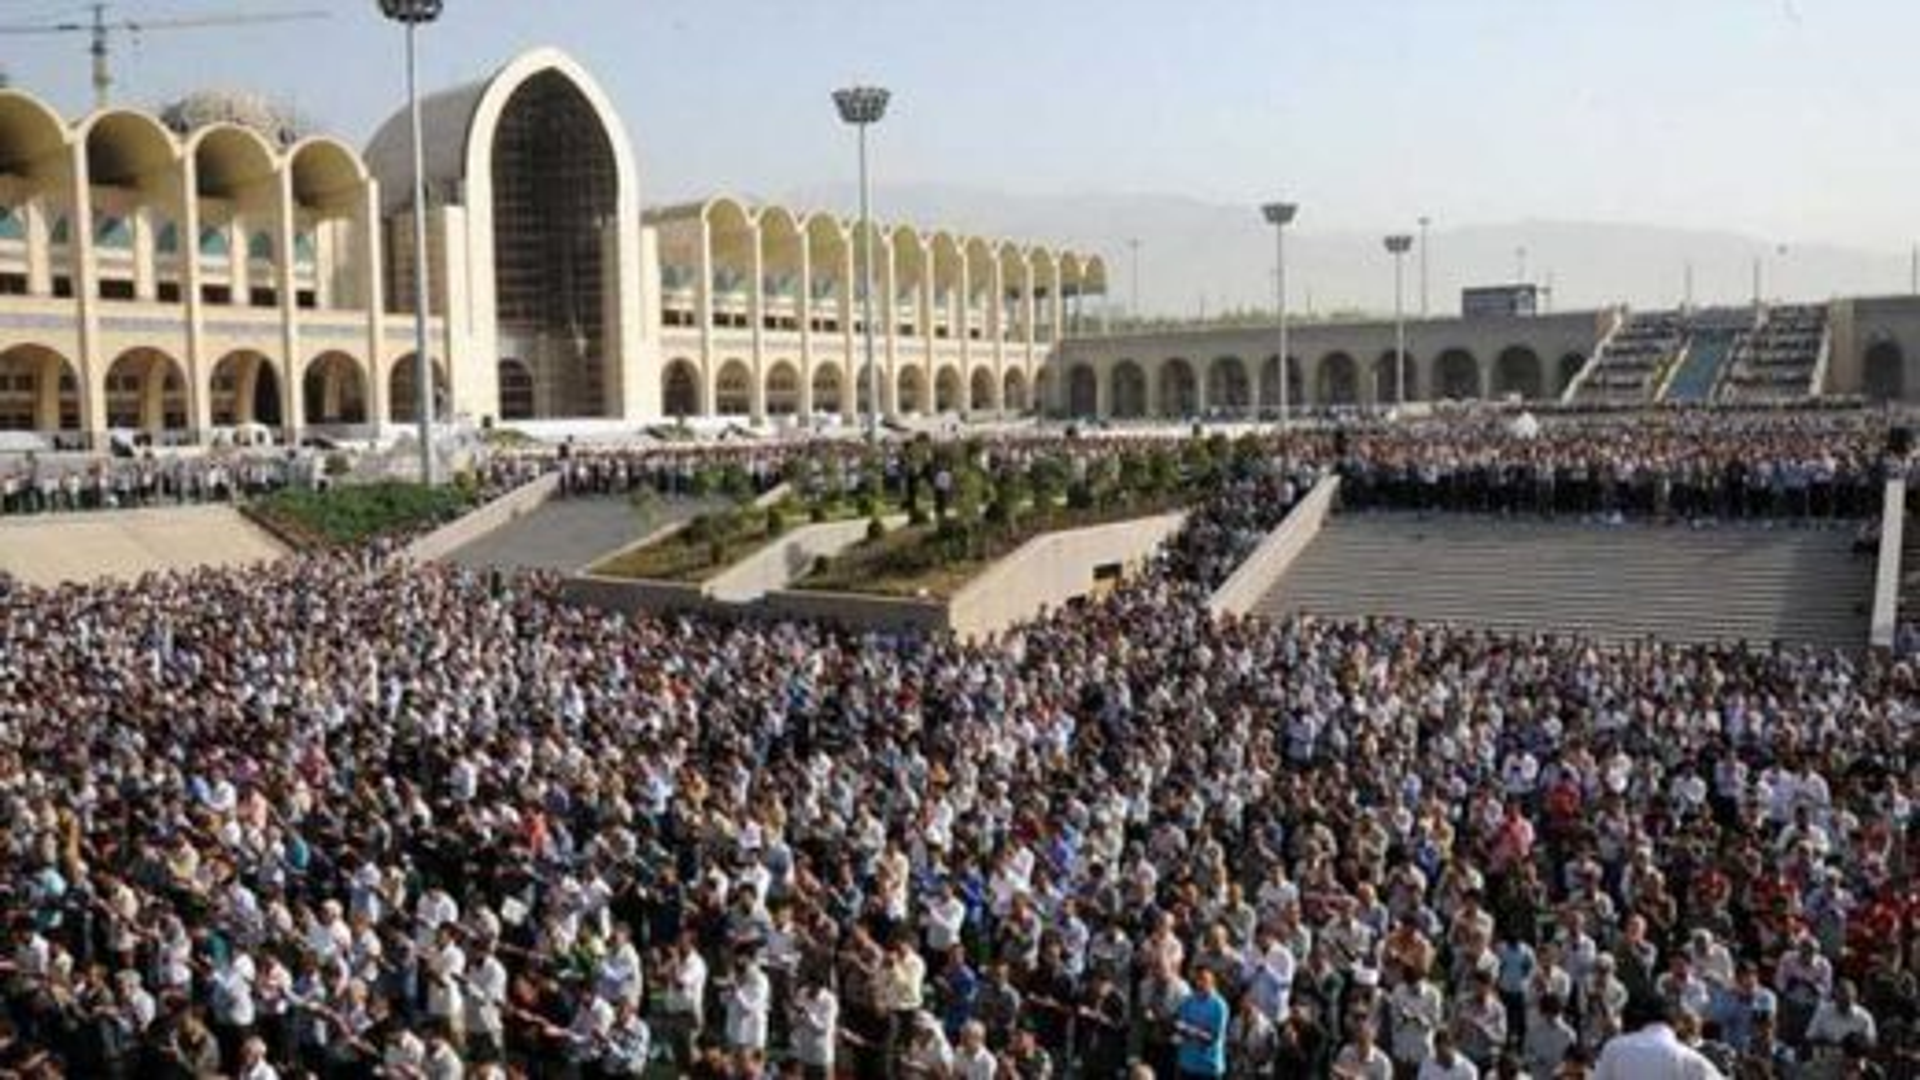 نماز عید فطر   تگ